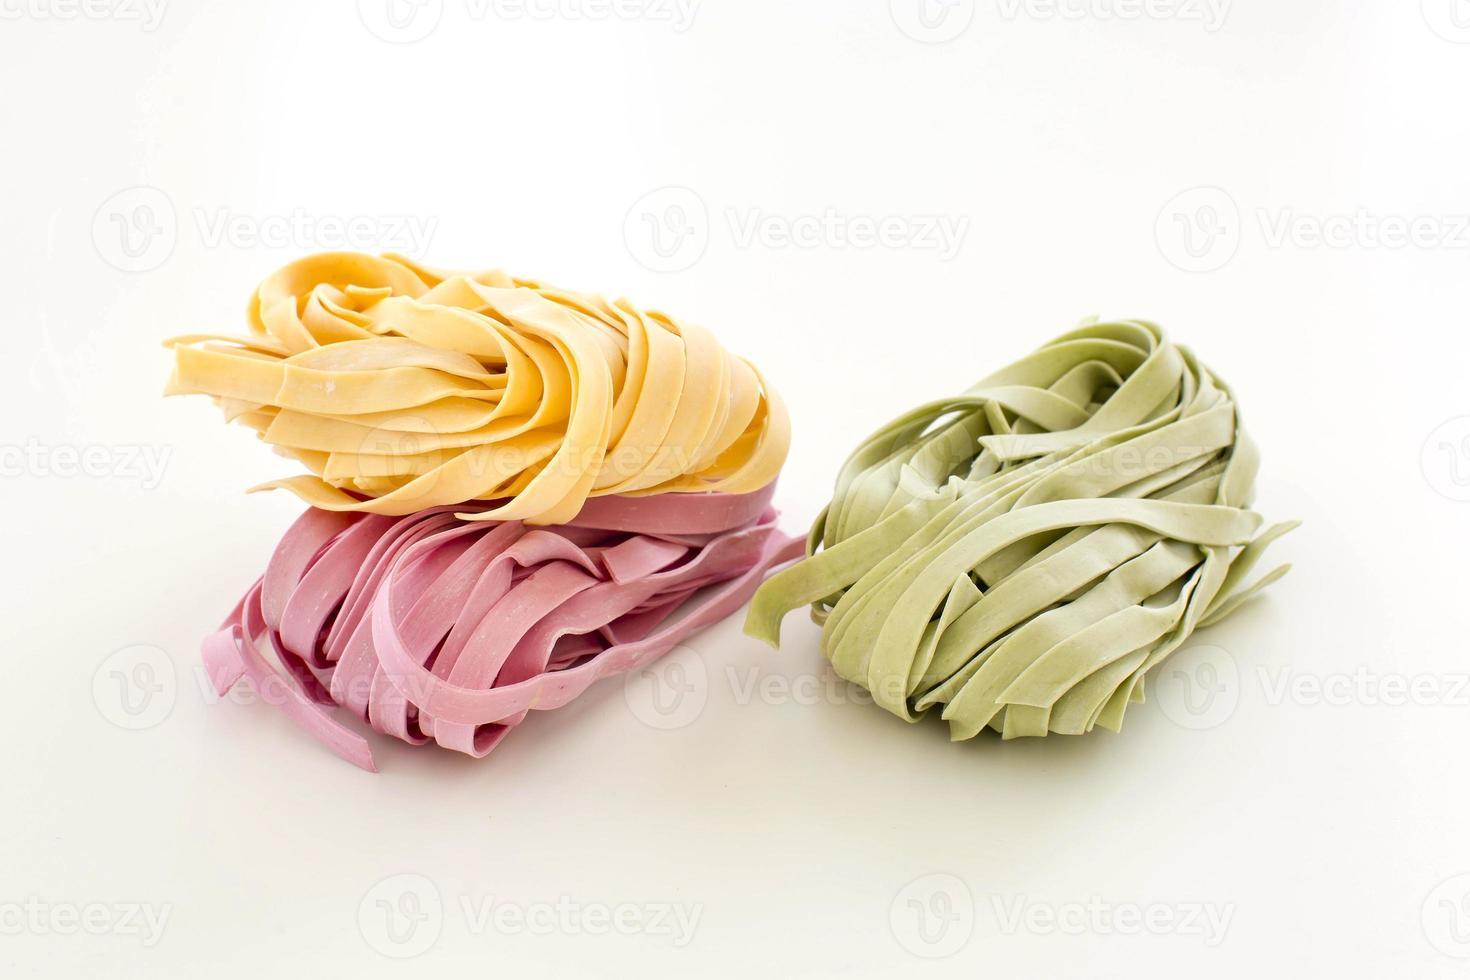 feixes de macarrão colorido de fita seca foto